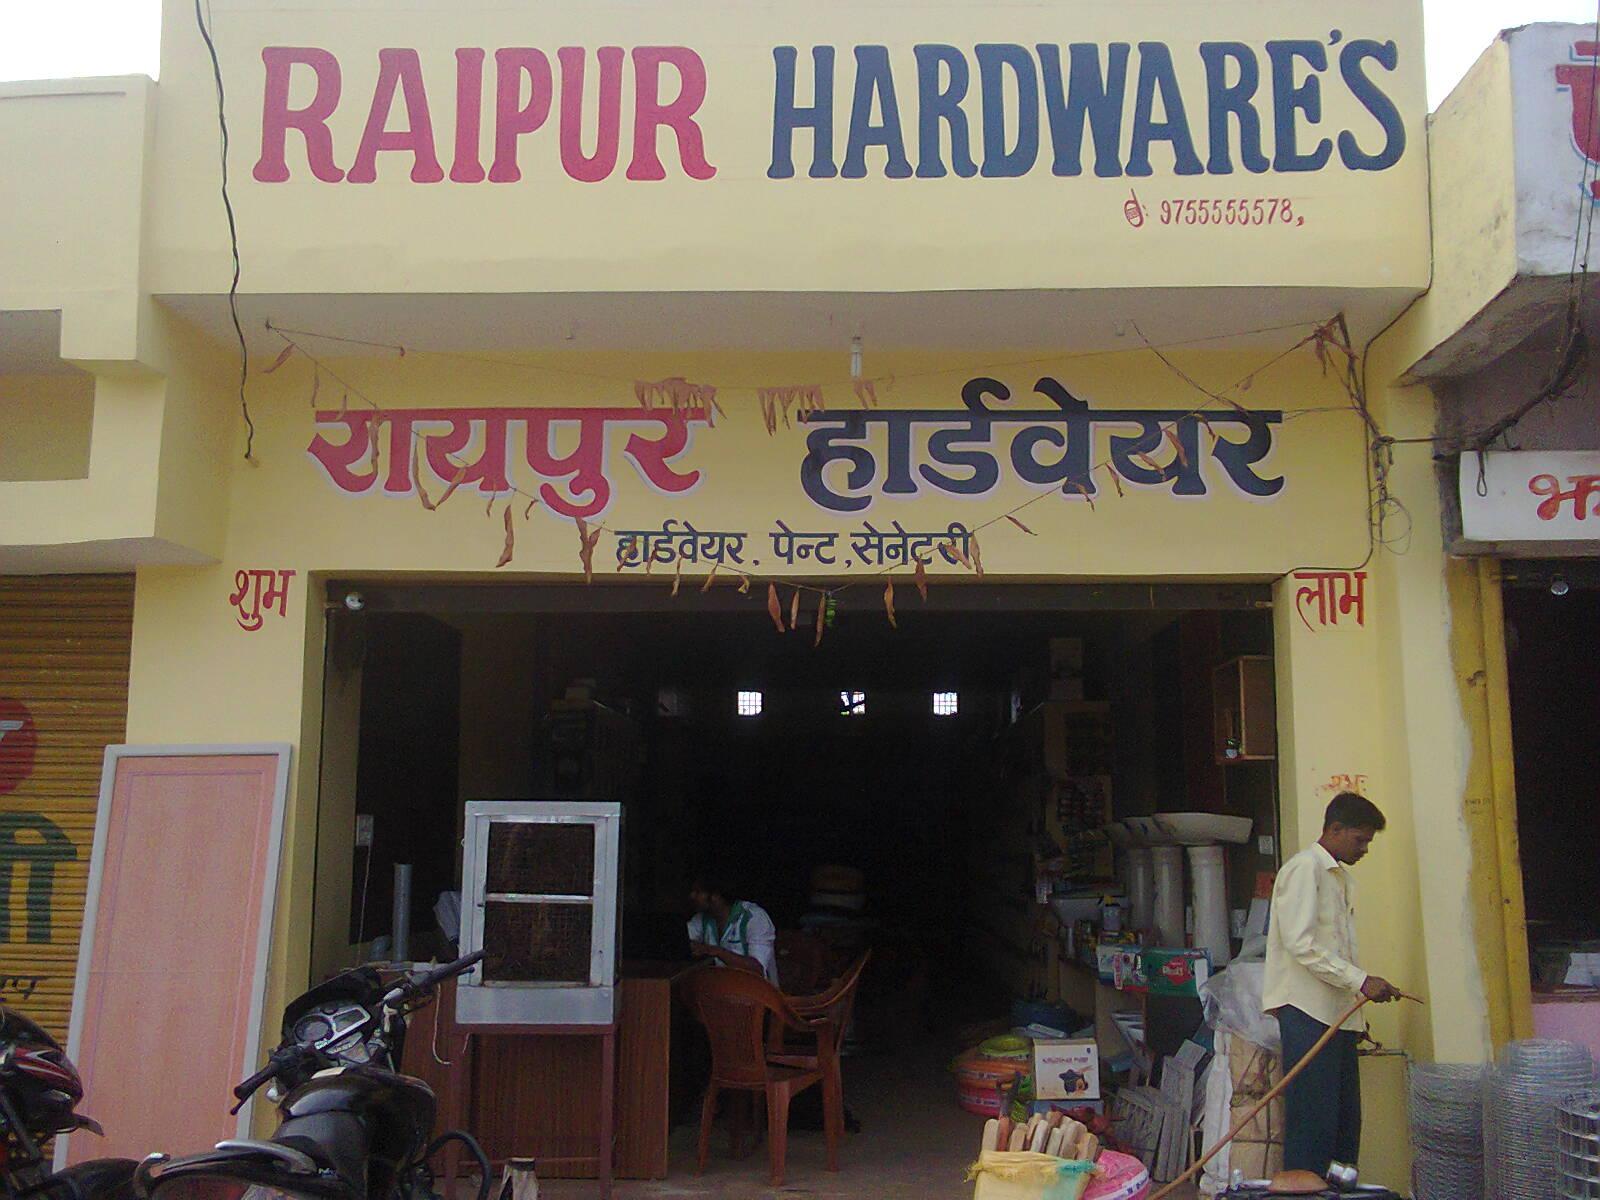 Raipur Hardware